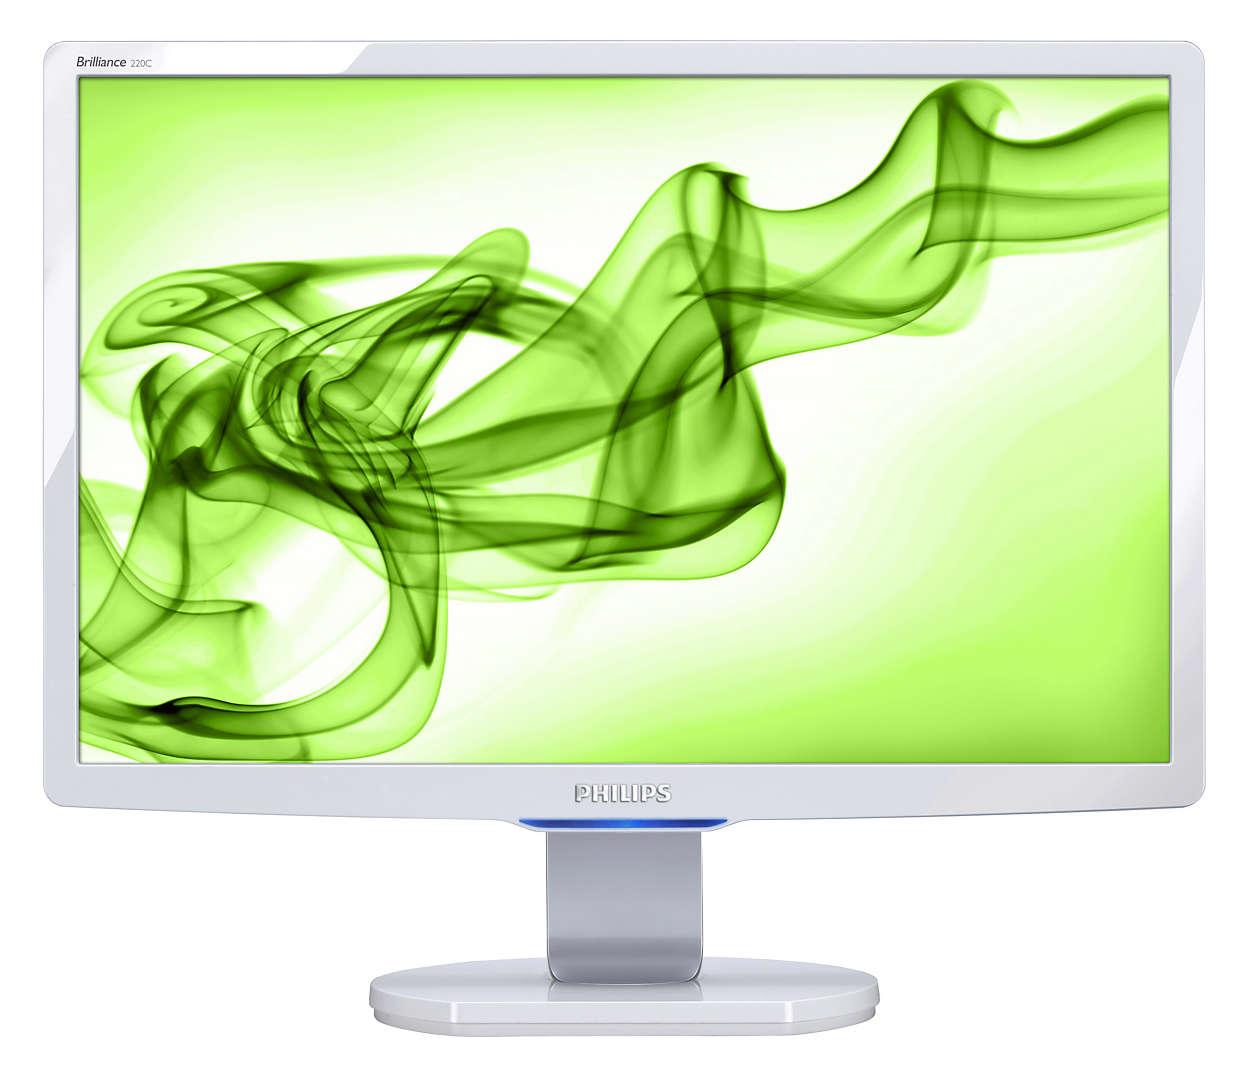 จอภาพมีสไตล์ร่วมสมัยเพื่อความบันเทิงจากทีวีและคอมพิวเตอร์